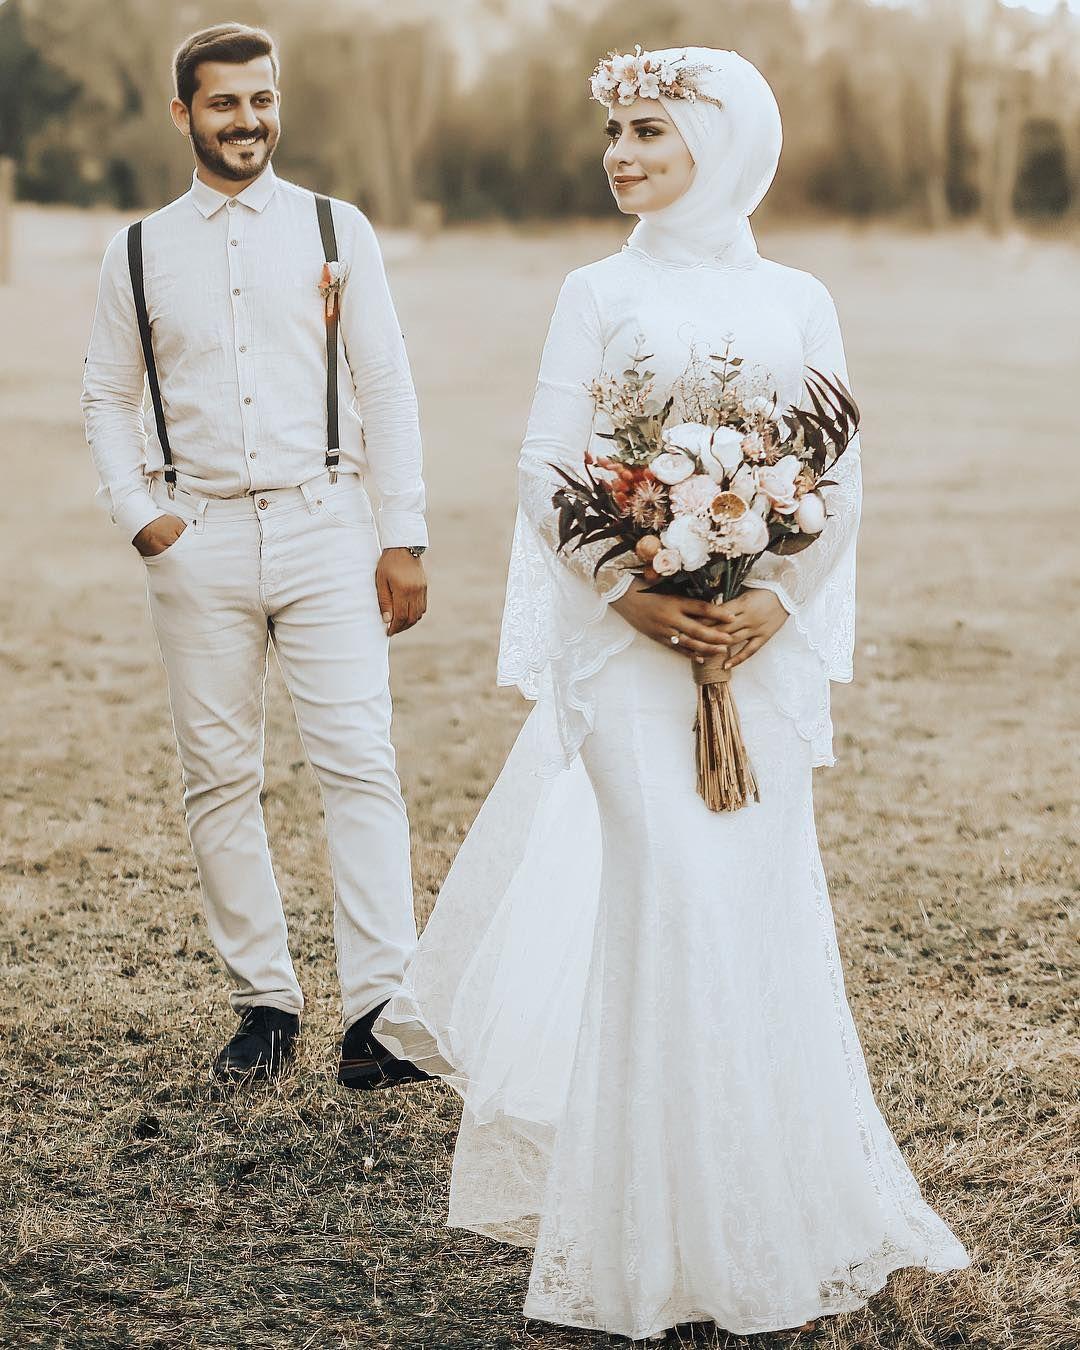 """Niyazi Taşkın Photography on Instagram: """"2018 yılı rezervasyonları için  iletişim: 📲 05418268329 🕊 @mustafataskinphotography @bilginsonmez @rahman_goktas #wedding #weddingdress…"""""""